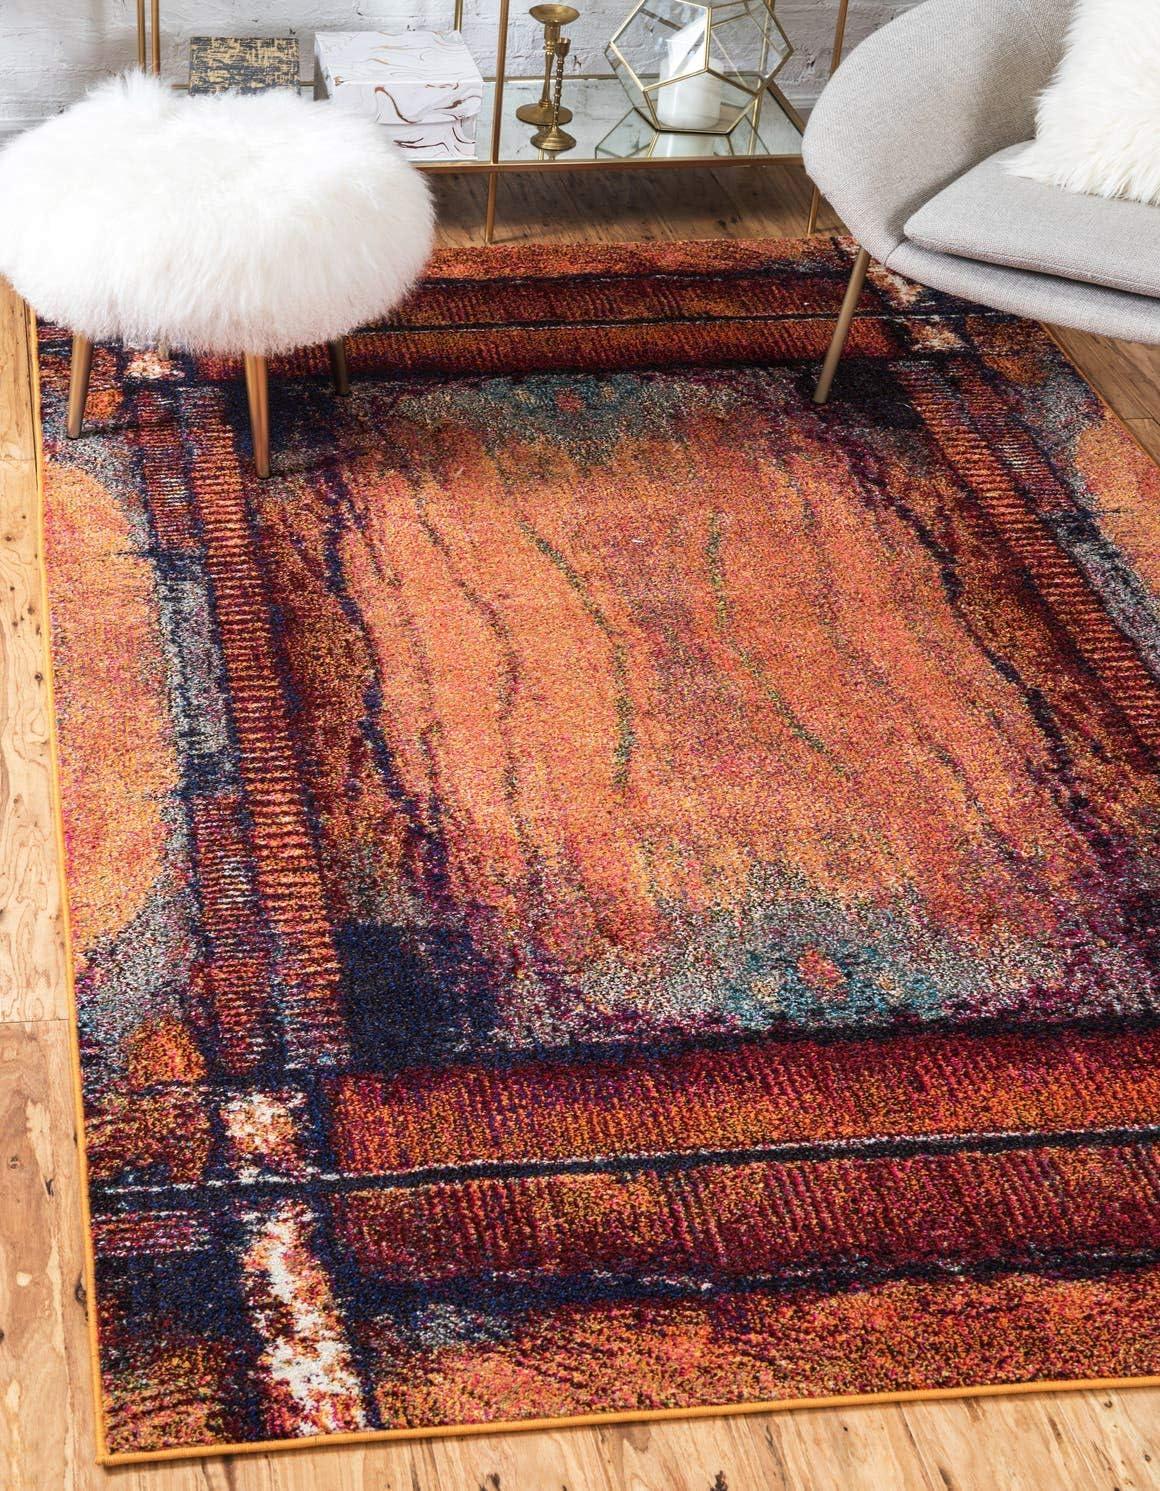 Unique Loom Estrella Collection Modern Abstract Orange Area Rug 8 0 x 11 0